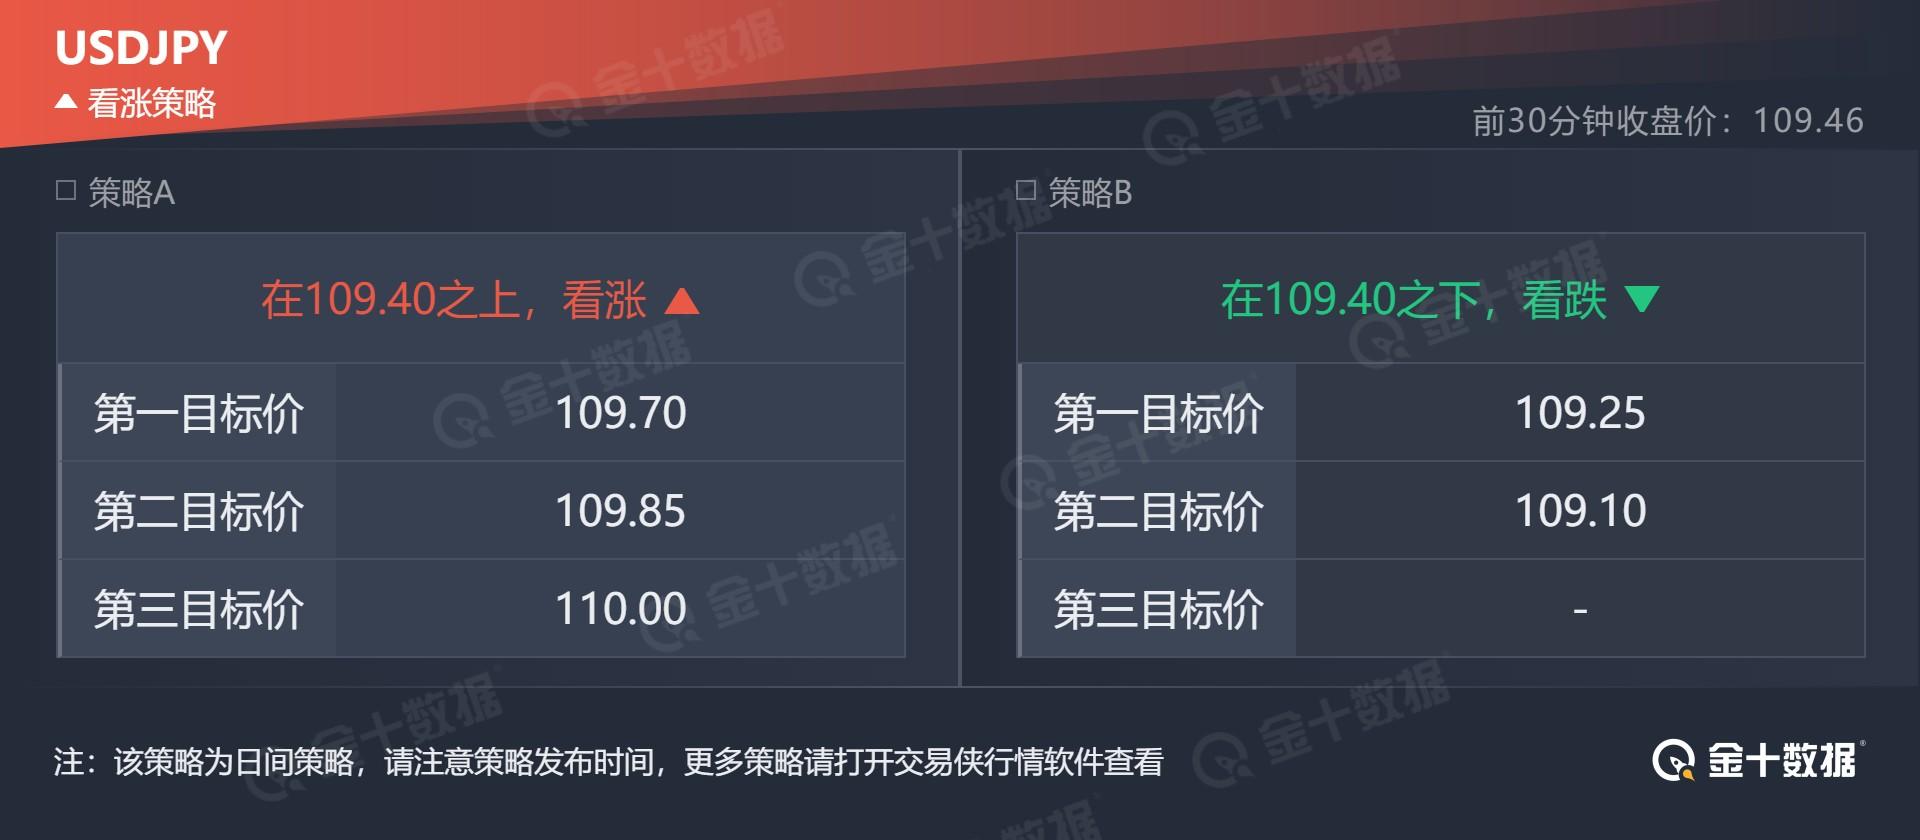 技术刘:现货黄金反弹回1880关口 欧美面临方向选择